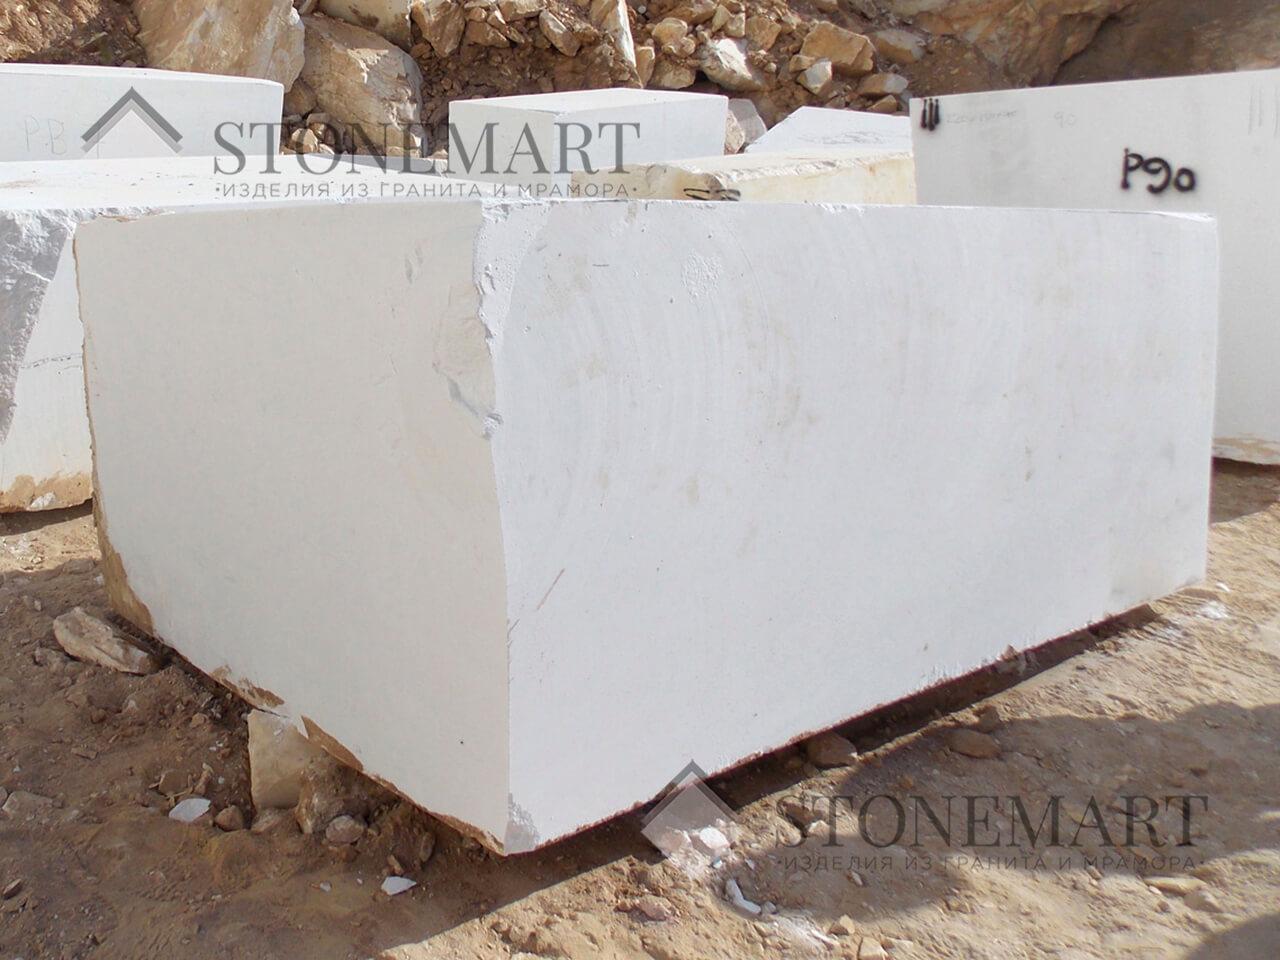 Блоки из белого мрамора под заказ. Наименование: Sivec. Цвет: белый. Используется для изготовления монументов и скульптур